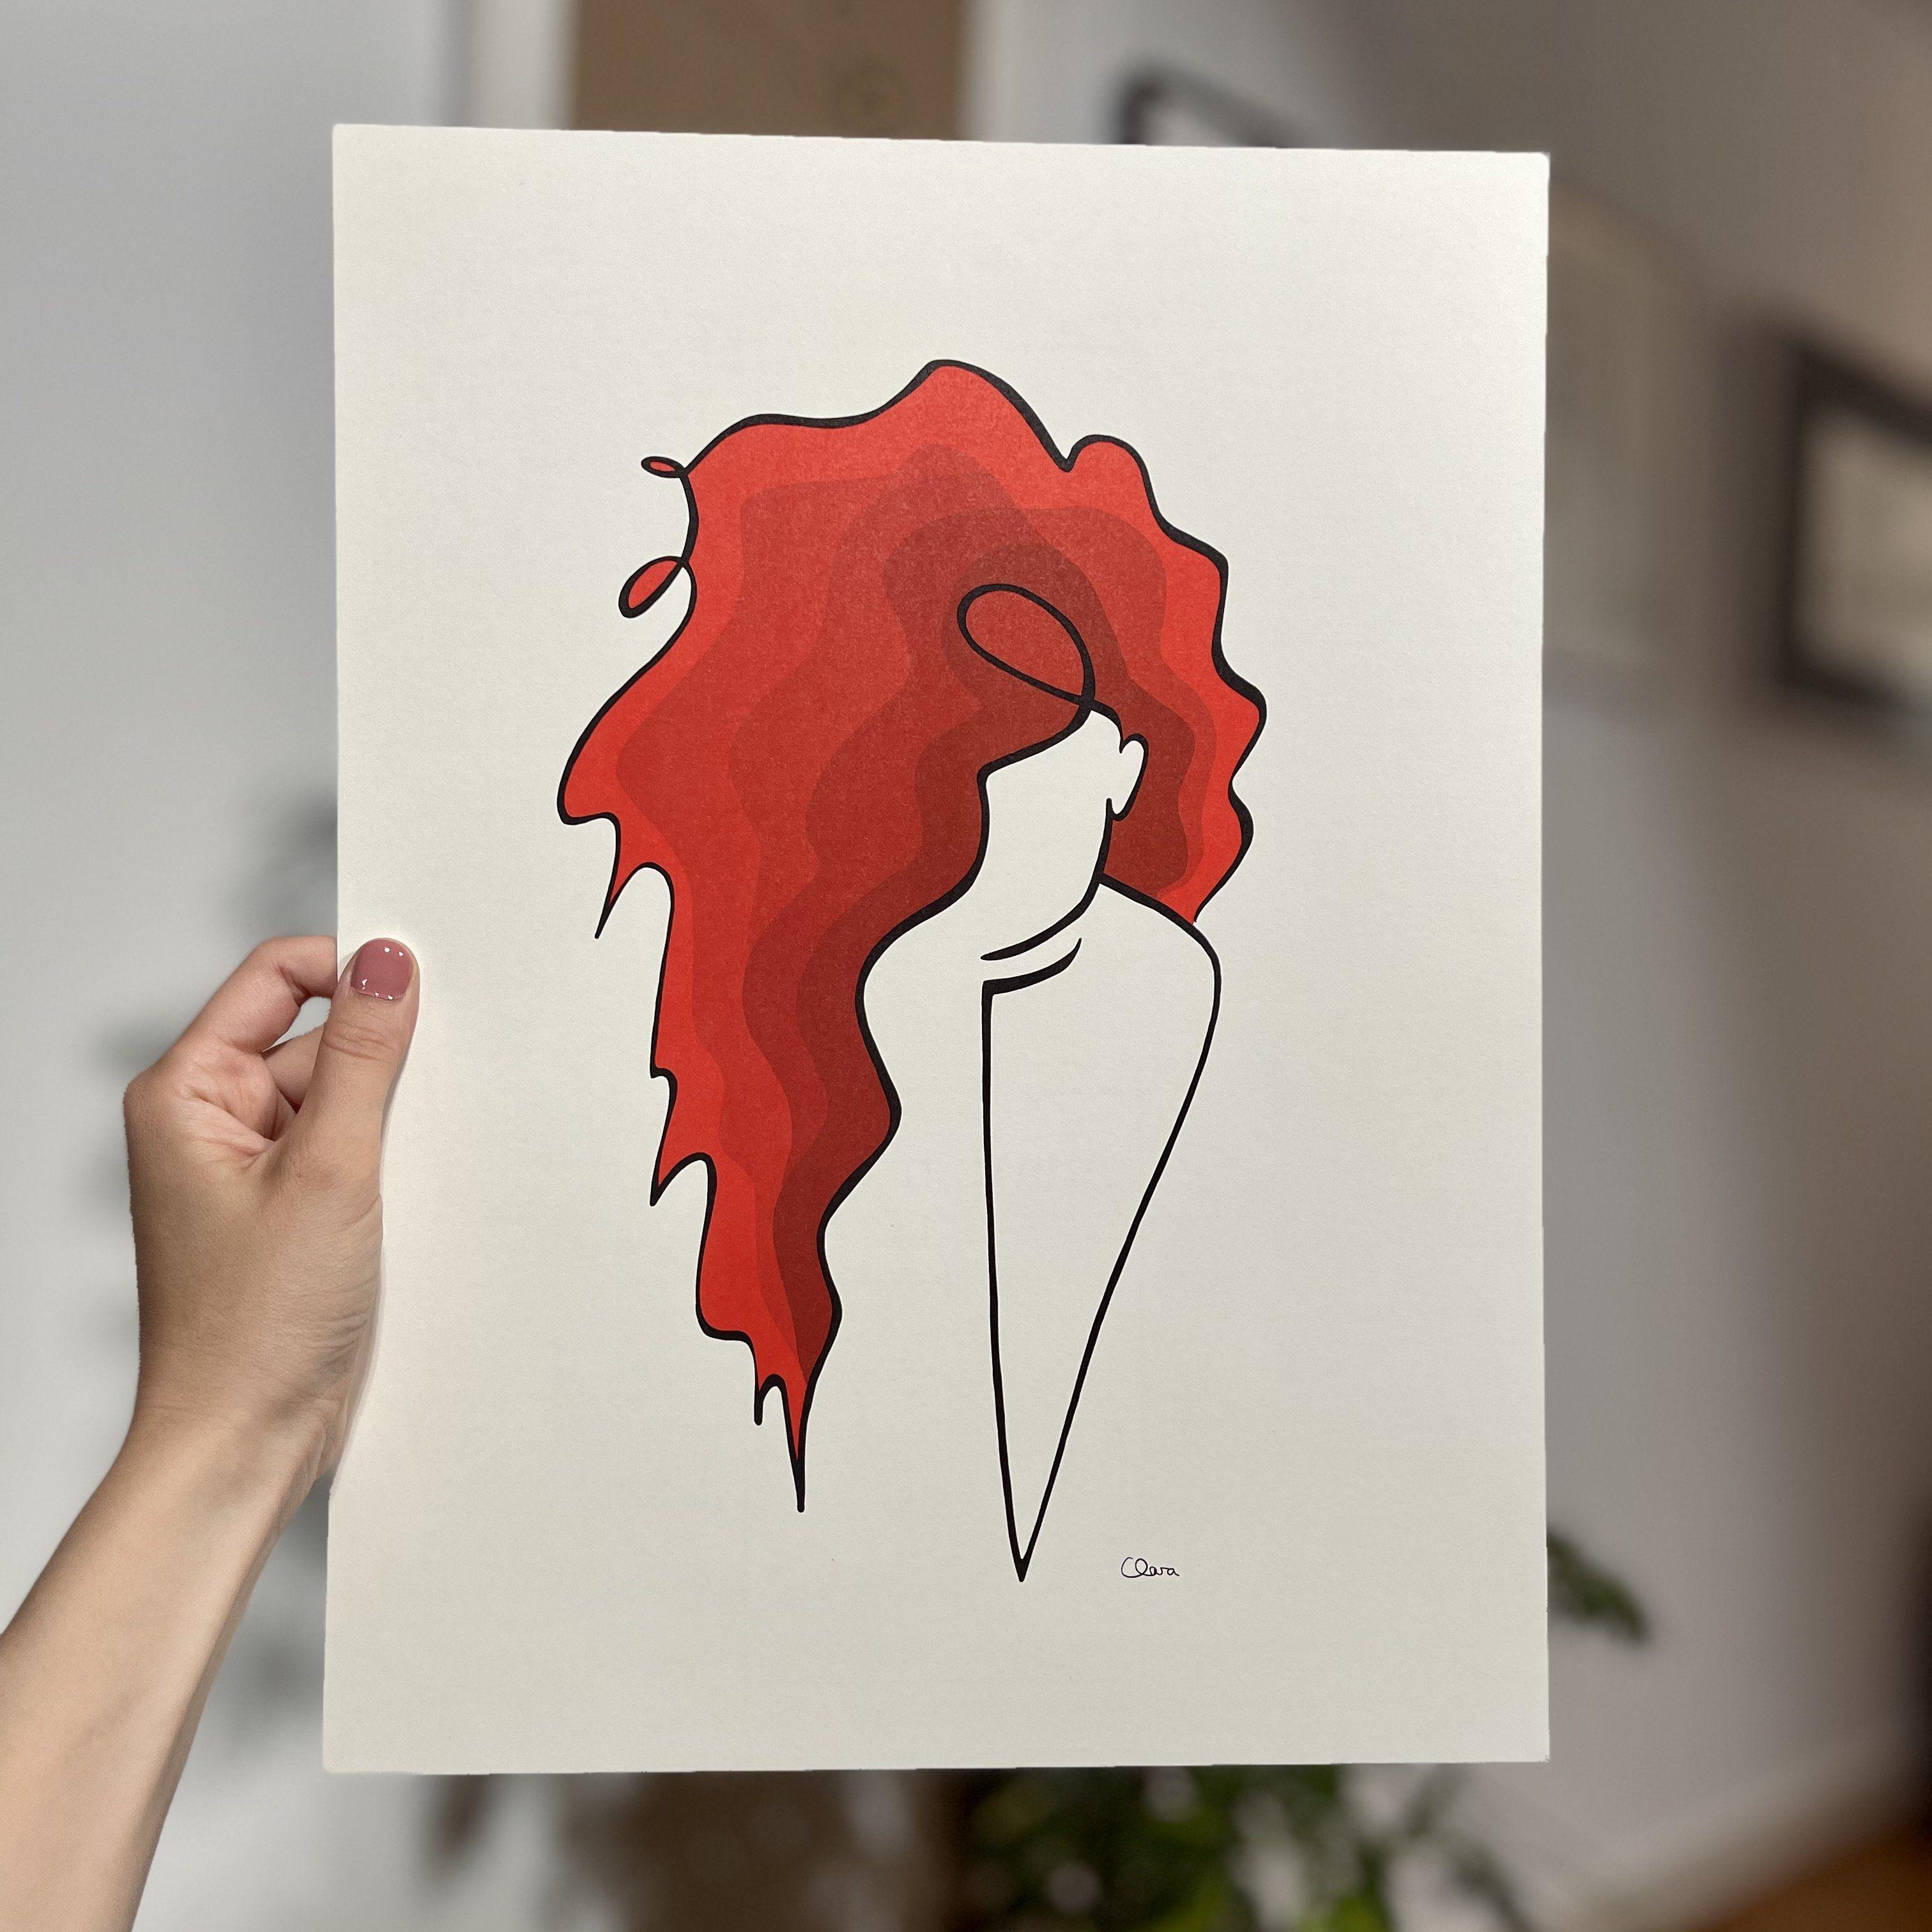 REDHEAD *Limited Edition* Die Frau mit den roten Haaren 30x40 cm | Munken pure cream white Nummeriert von 1 bis 100 ♥ Handsigniert auf der Rückseite ♥ Achtung! Dynamisches Preismodell: Der Preis steigt mit jeder Nummer um 5€ Die Nr. 1 von 100 kostete 50€ Die Nr. 100 von 100 kostet 545€ Papier Munken Pure creme weiß, 300g . Versandkostenfrei .Schnelle Lieferung2-3 Tage Formate30x40 cm ♥ Made with Love ♥ Wenn dir dieses Motiv gefällt, gibt es keinen Grund zu zögern. Ich garantiere dir vollste Zufr